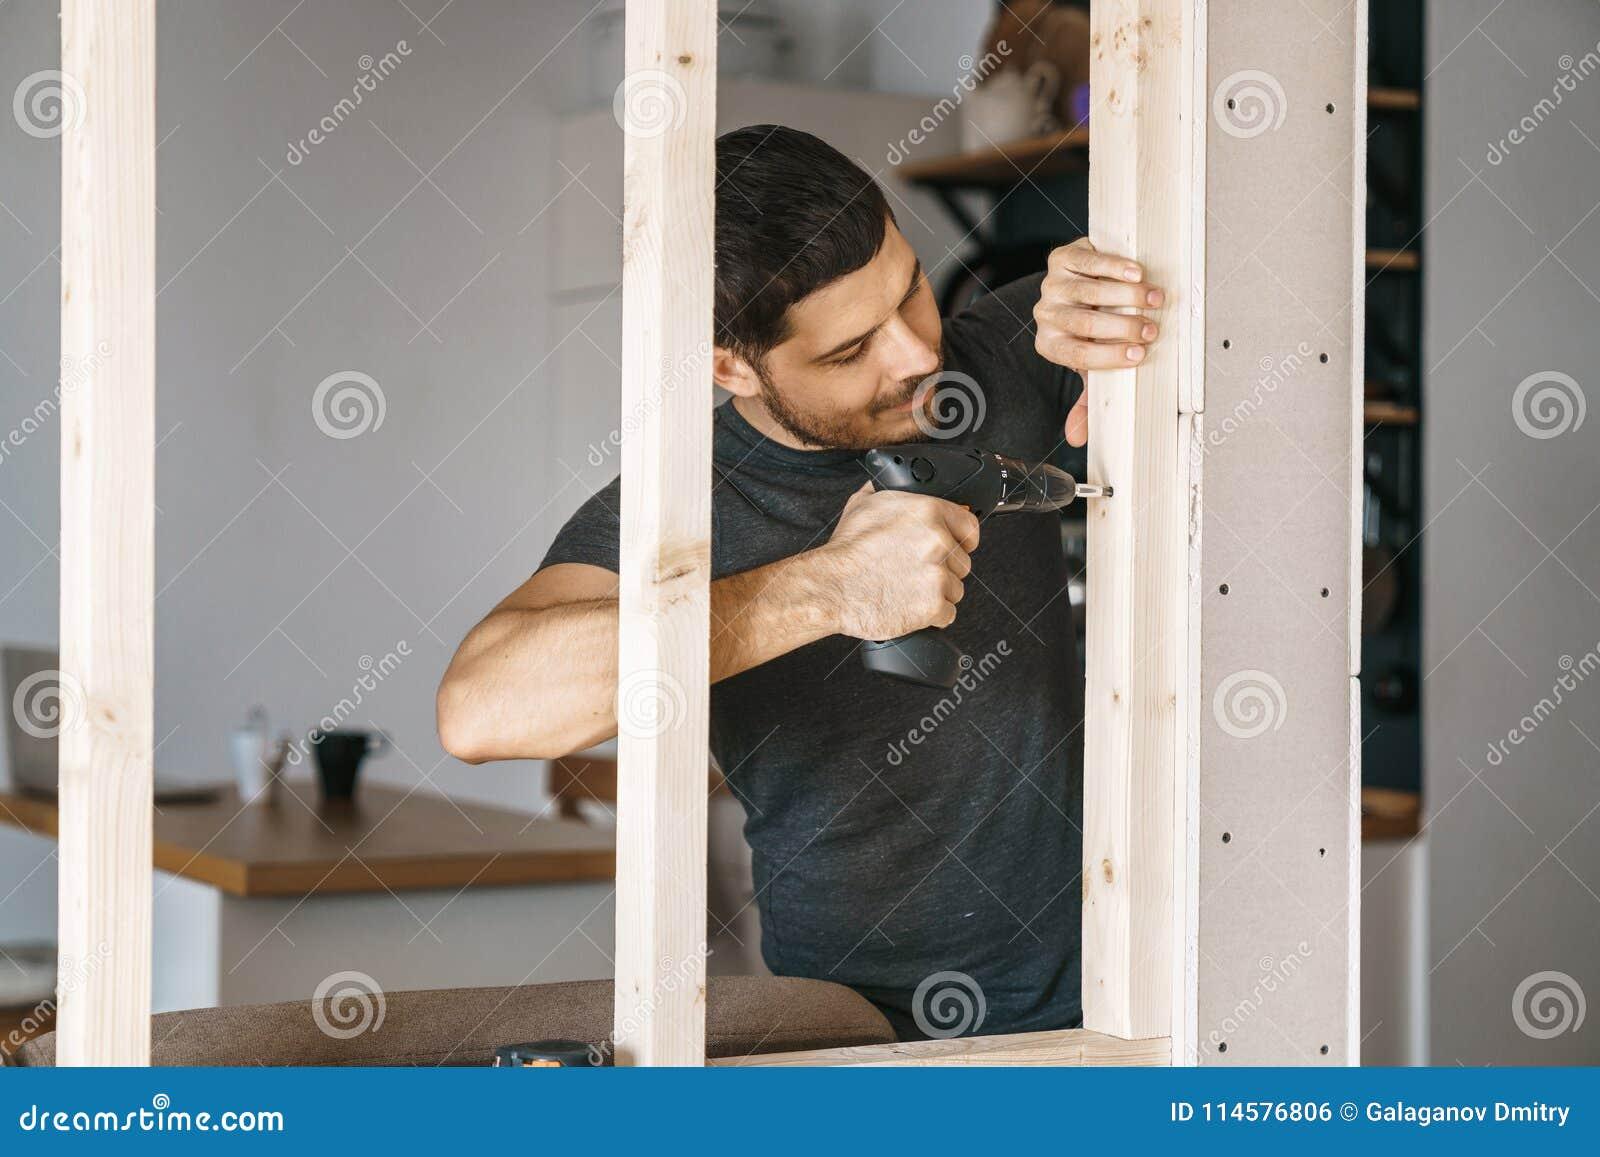 O retrato de um homem na roupa home com uma chave de fenda em sua mão fixa uma construção de madeira para uma janela em sua casa